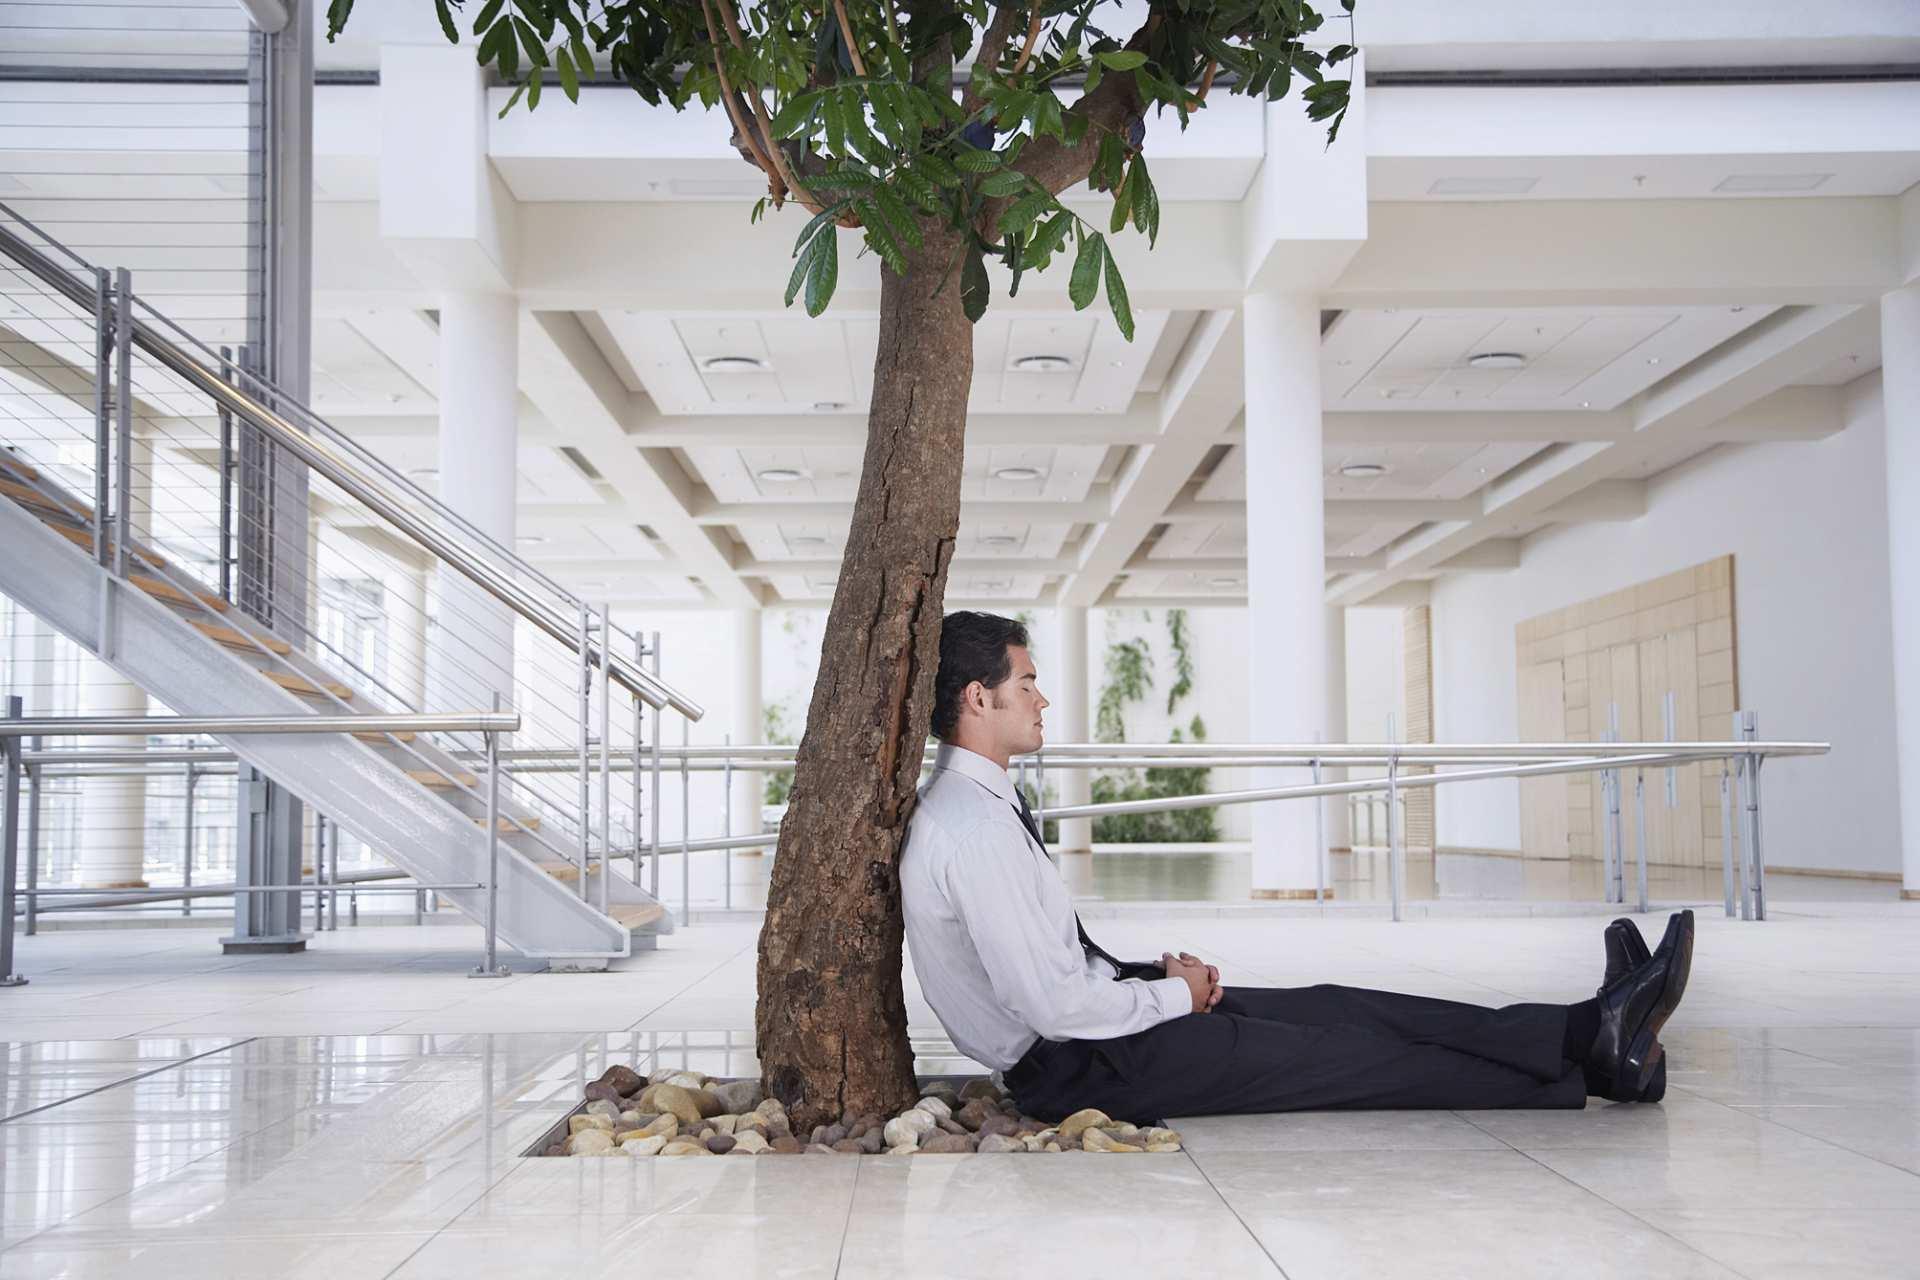 Fachberater für Burnout-Prävention und Stressmanagement